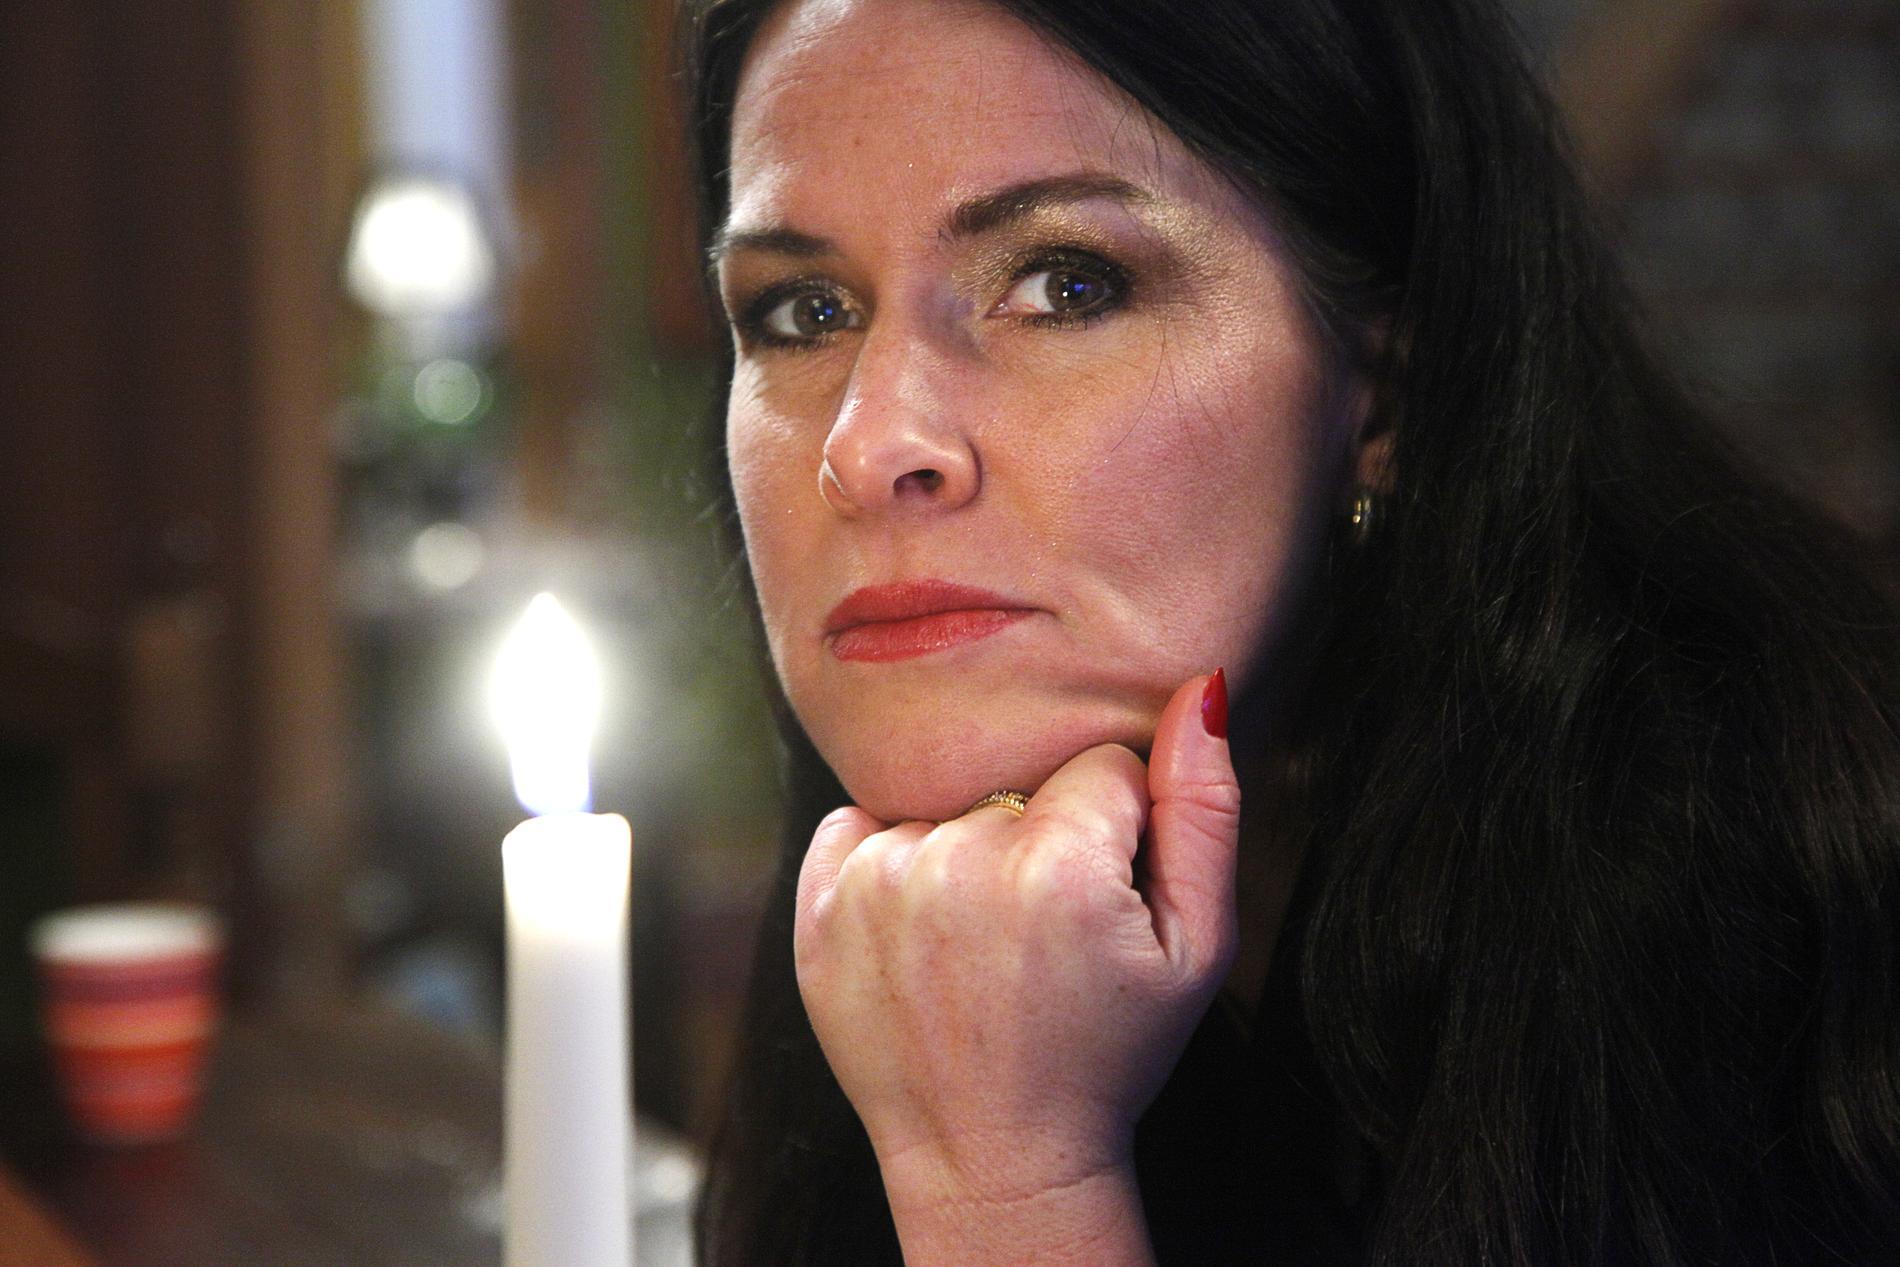 Åsa Waldau fälls för åtta fall av misshandel. Tingsrätten dömer henne till villkorlig dom och samhällstjänst.